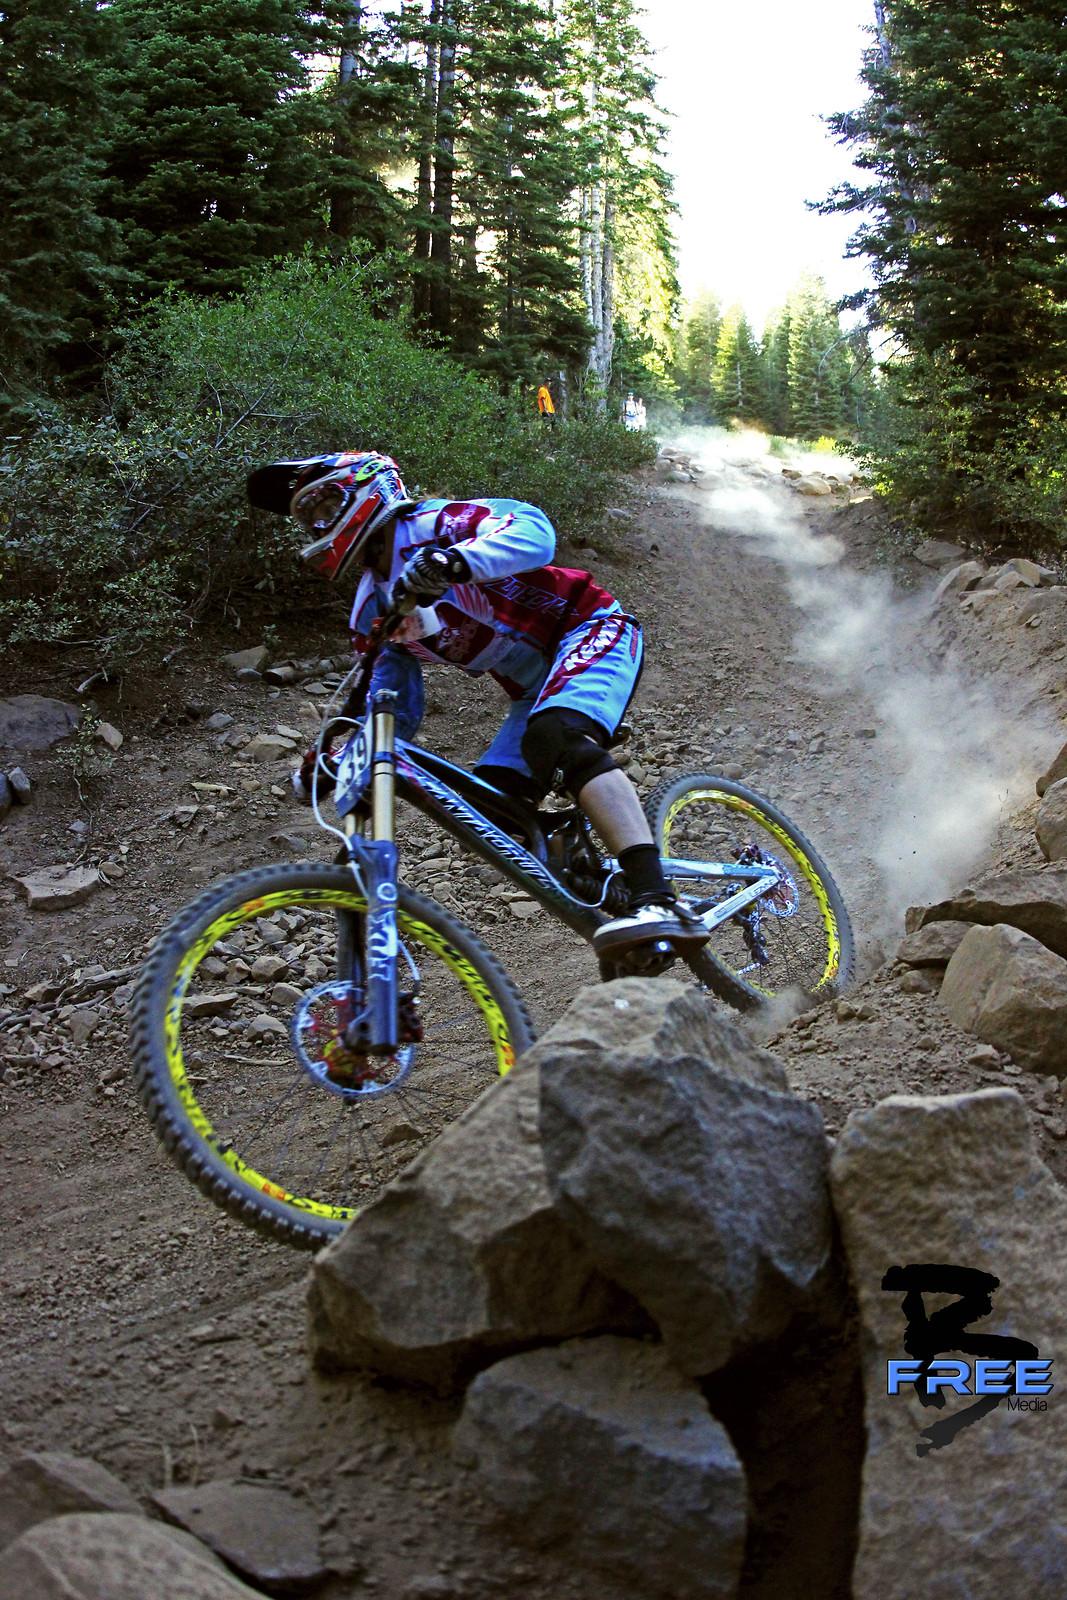 gabriella 1 - GnarHuck - Mountain Biking Pictures - Vital MTB